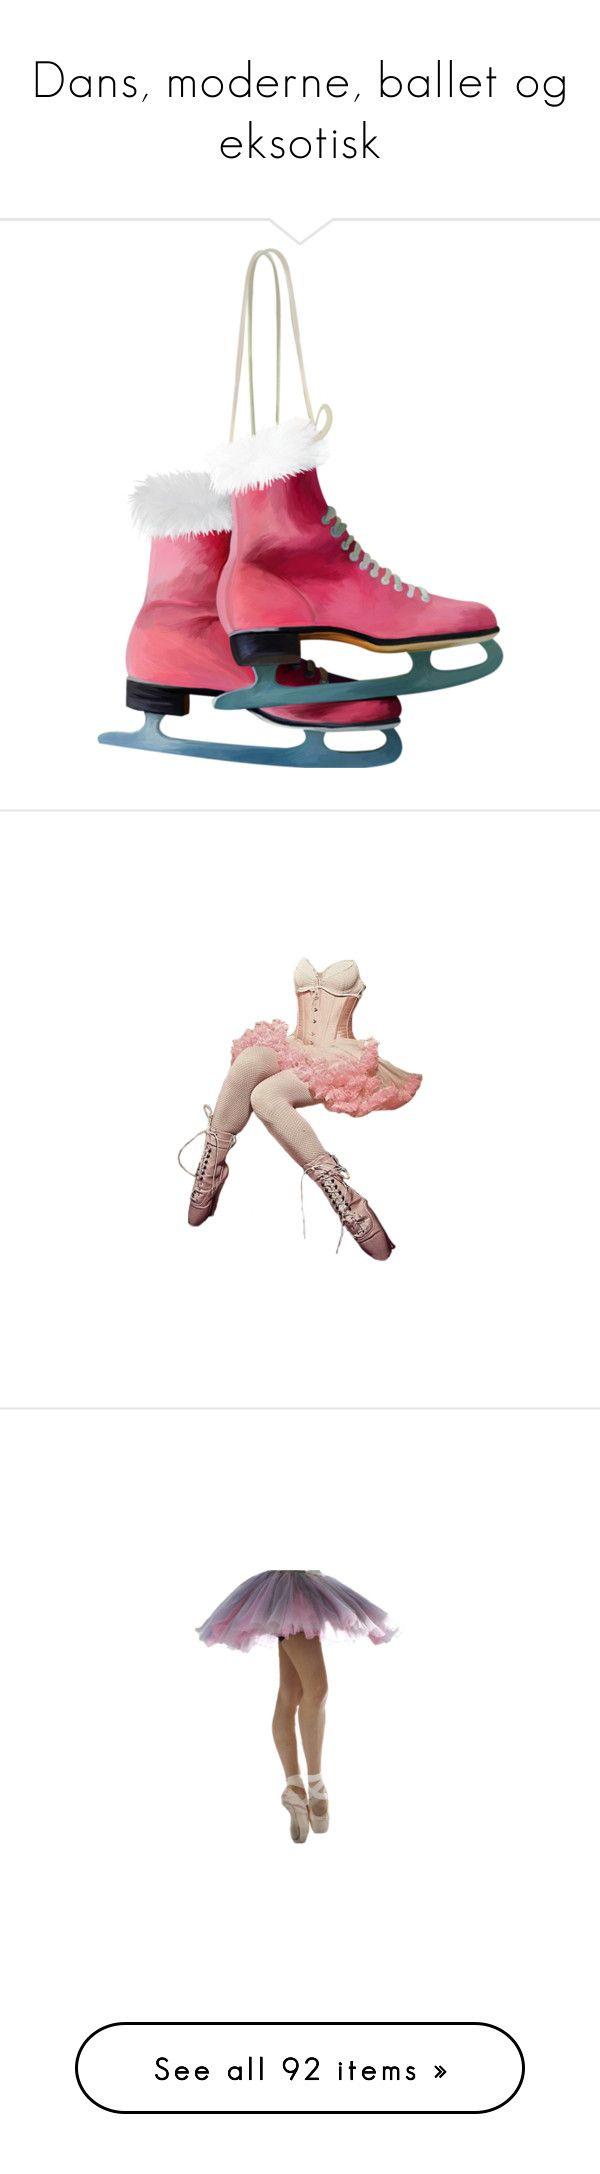 """""""Dans, moderne, ballet og eksotisk"""" by louvillia ❤ liked on Polyvore featuring dolls, people, children, dance, other, christmas, winter, ballet, quotes and filler"""